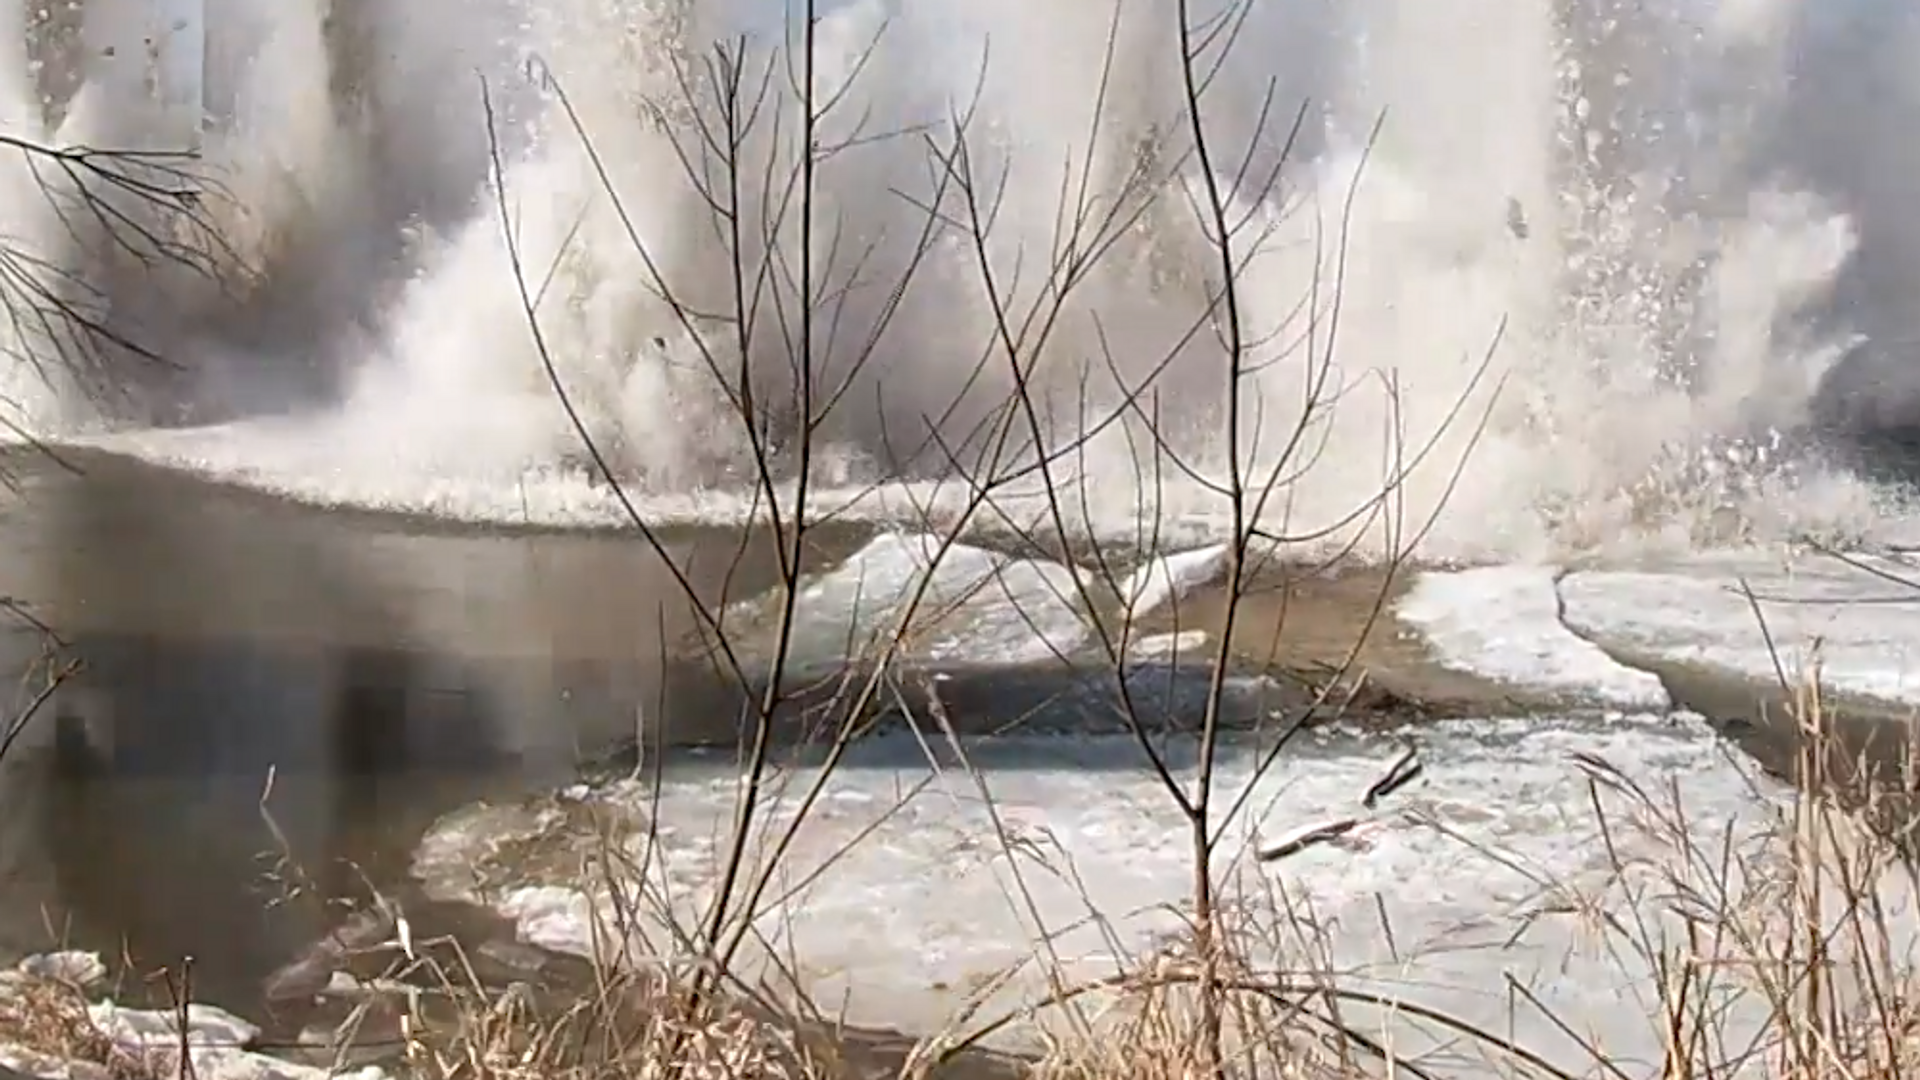 Militares rusos detonan 150 kg de TNT para liberar un río del hielo - Sputnik Mundo, 1920, 28.03.2021